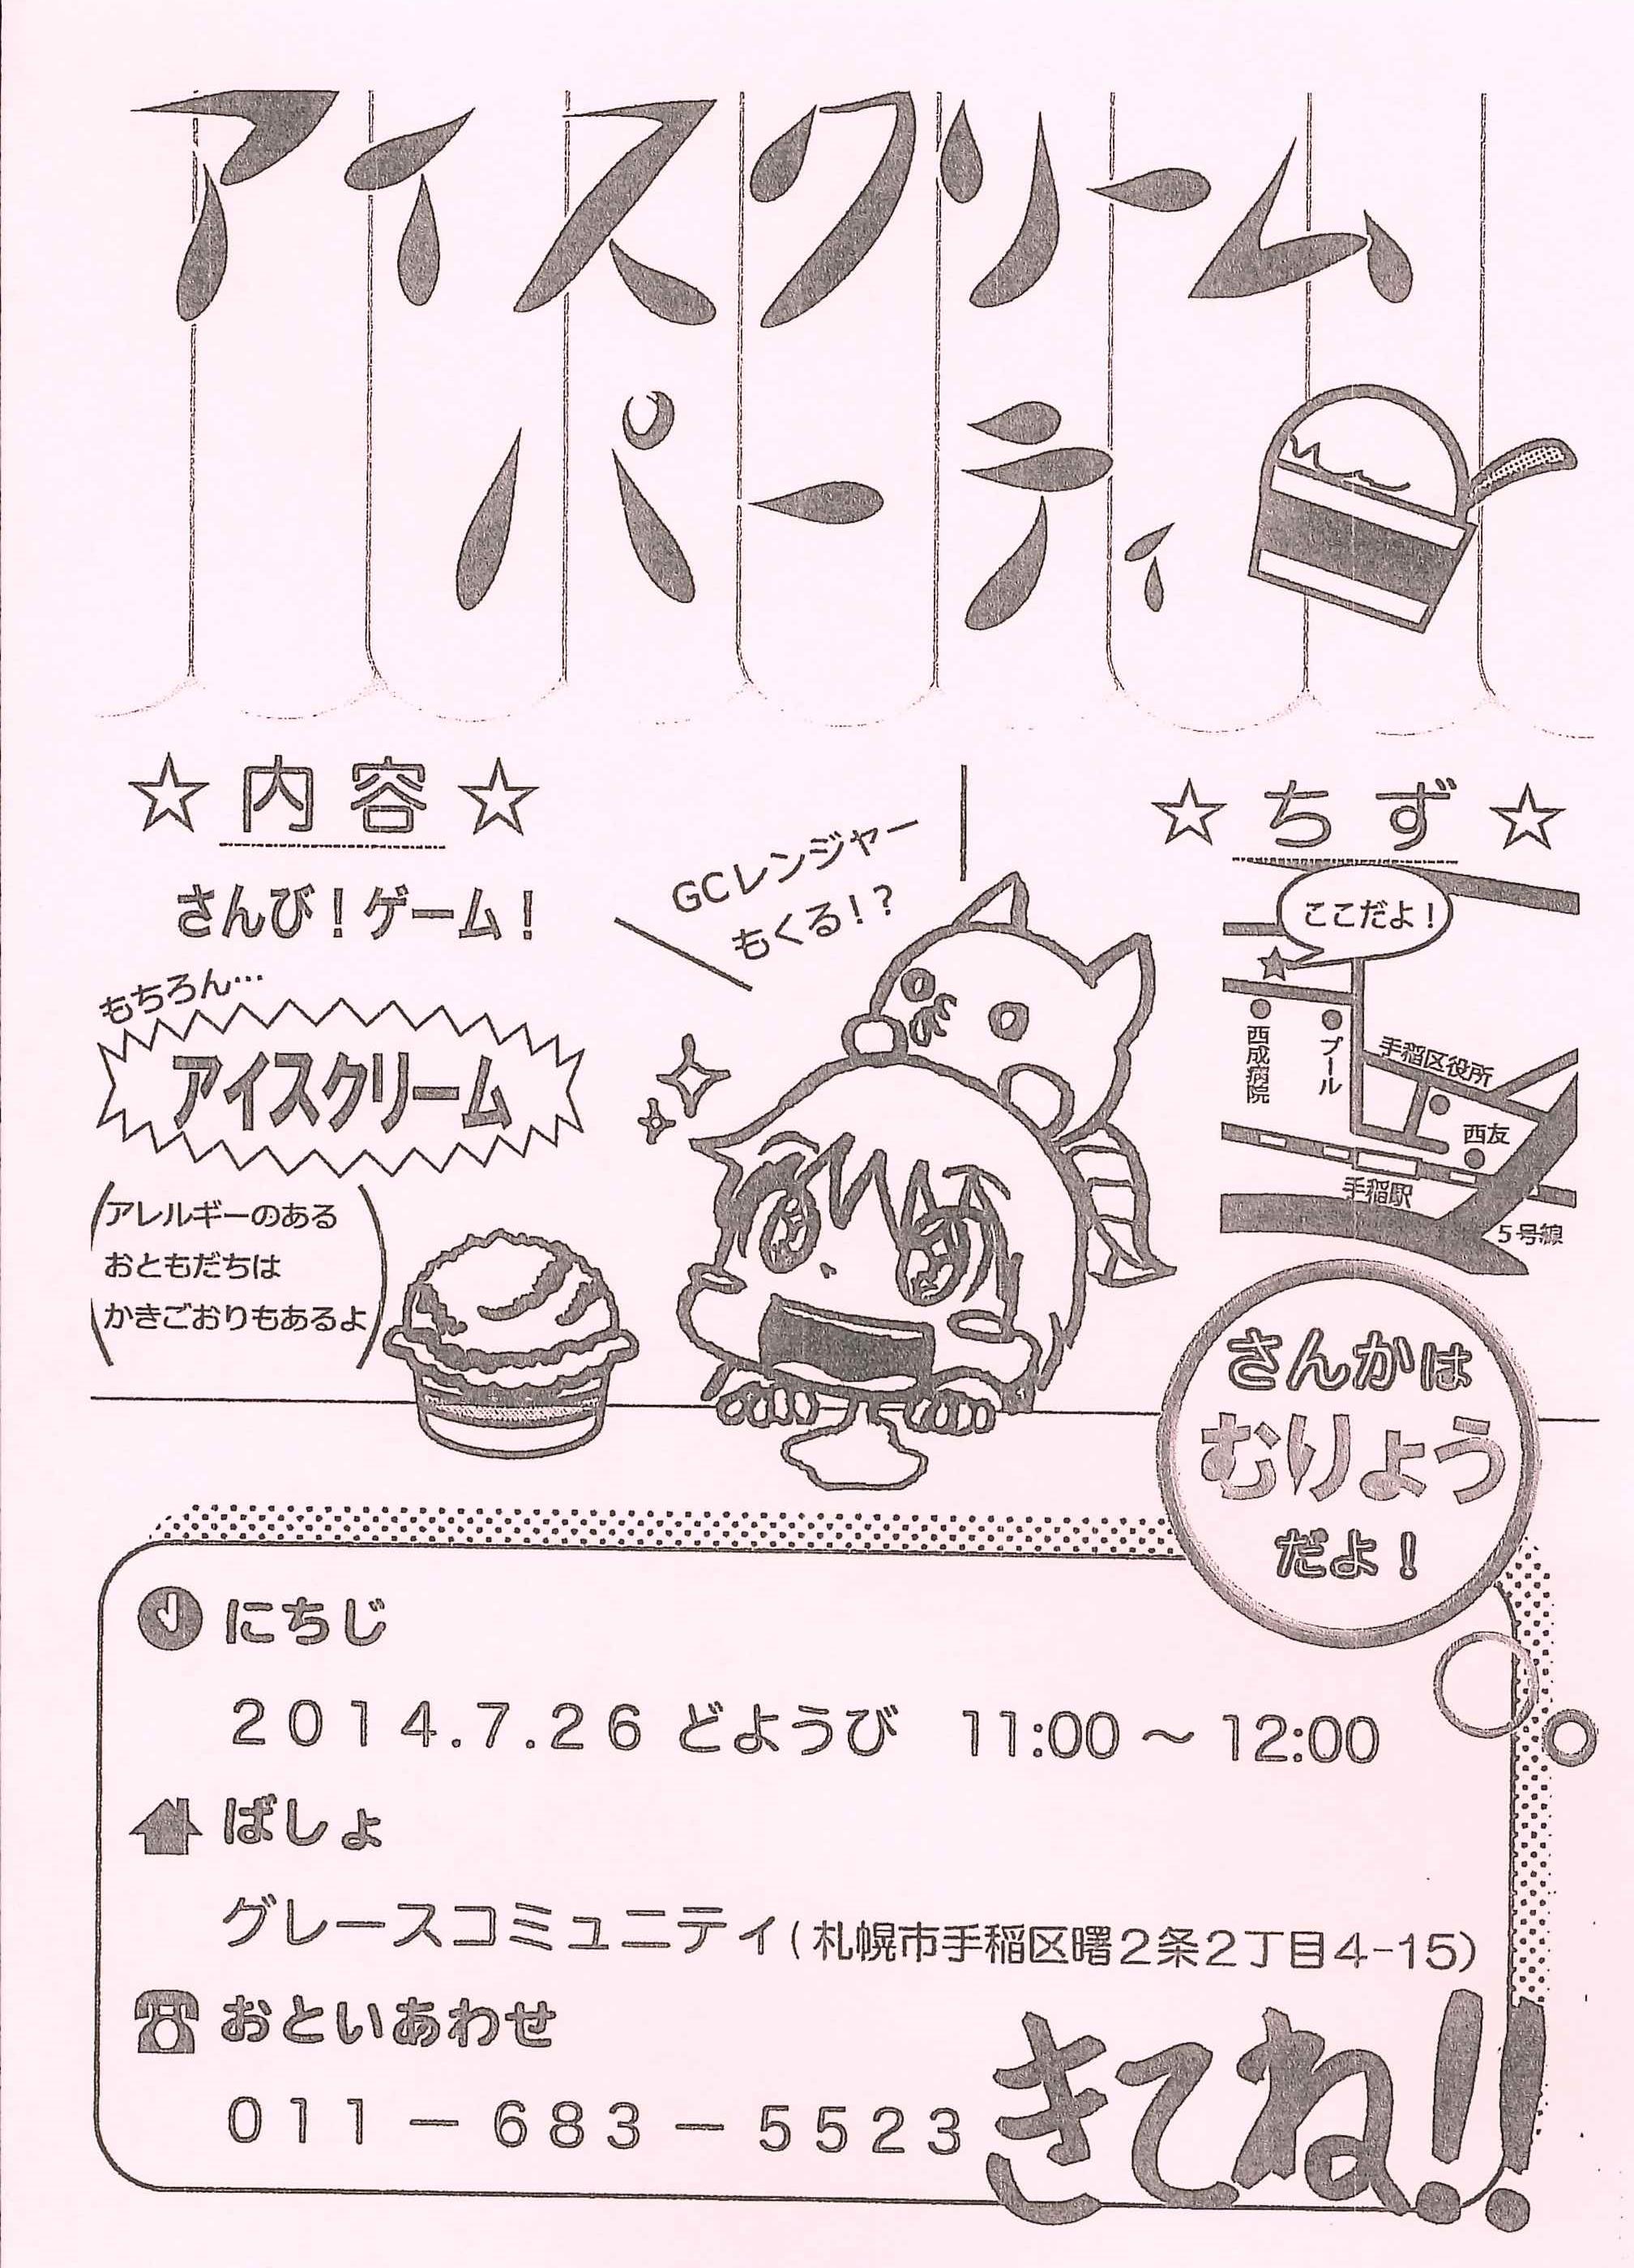 アイスクリームパーティ(2014.7.26)